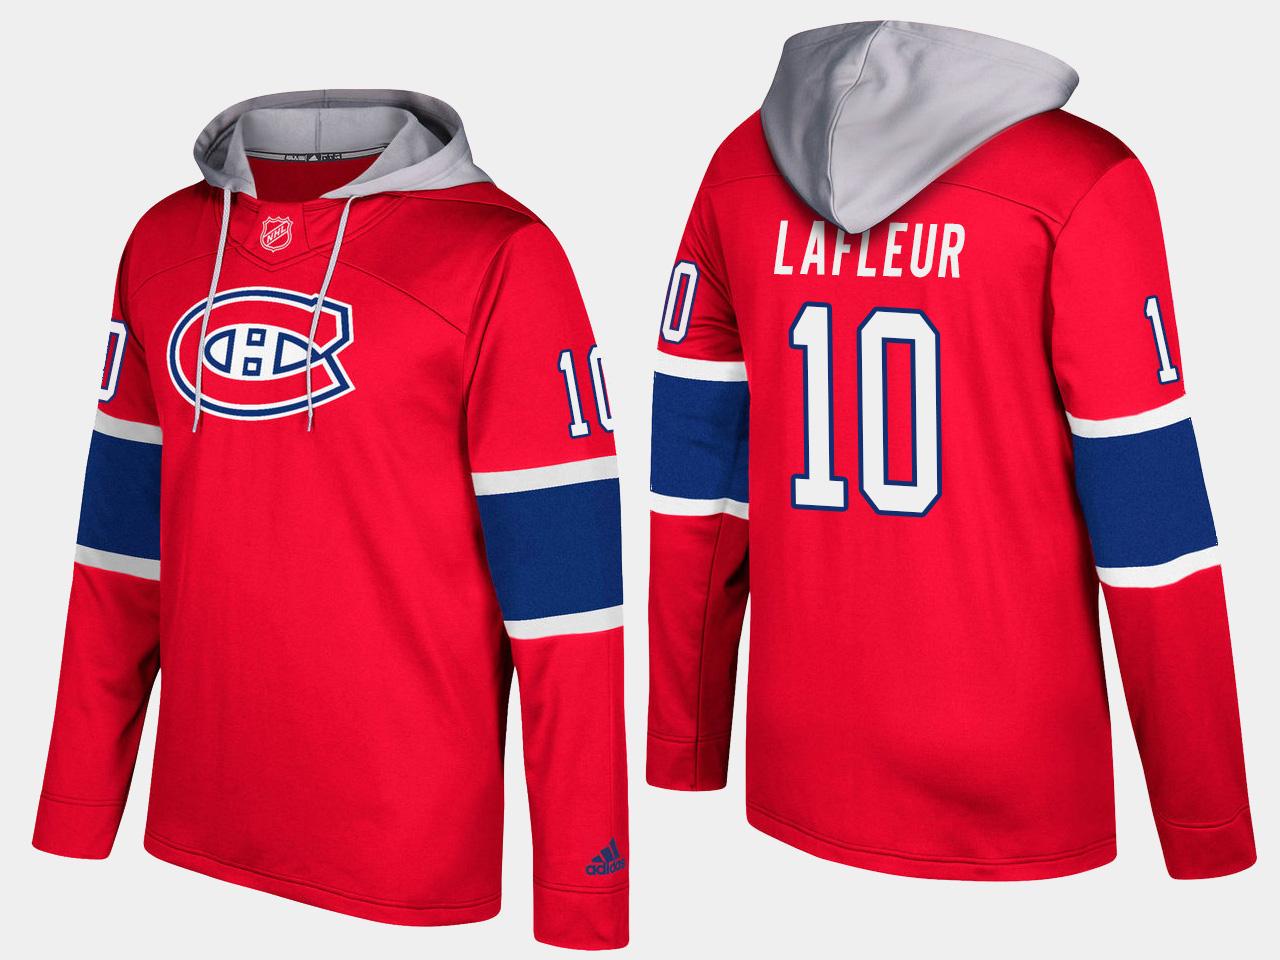 Canadiens #10 Guy Lafleur Red Name And Number Hoodie